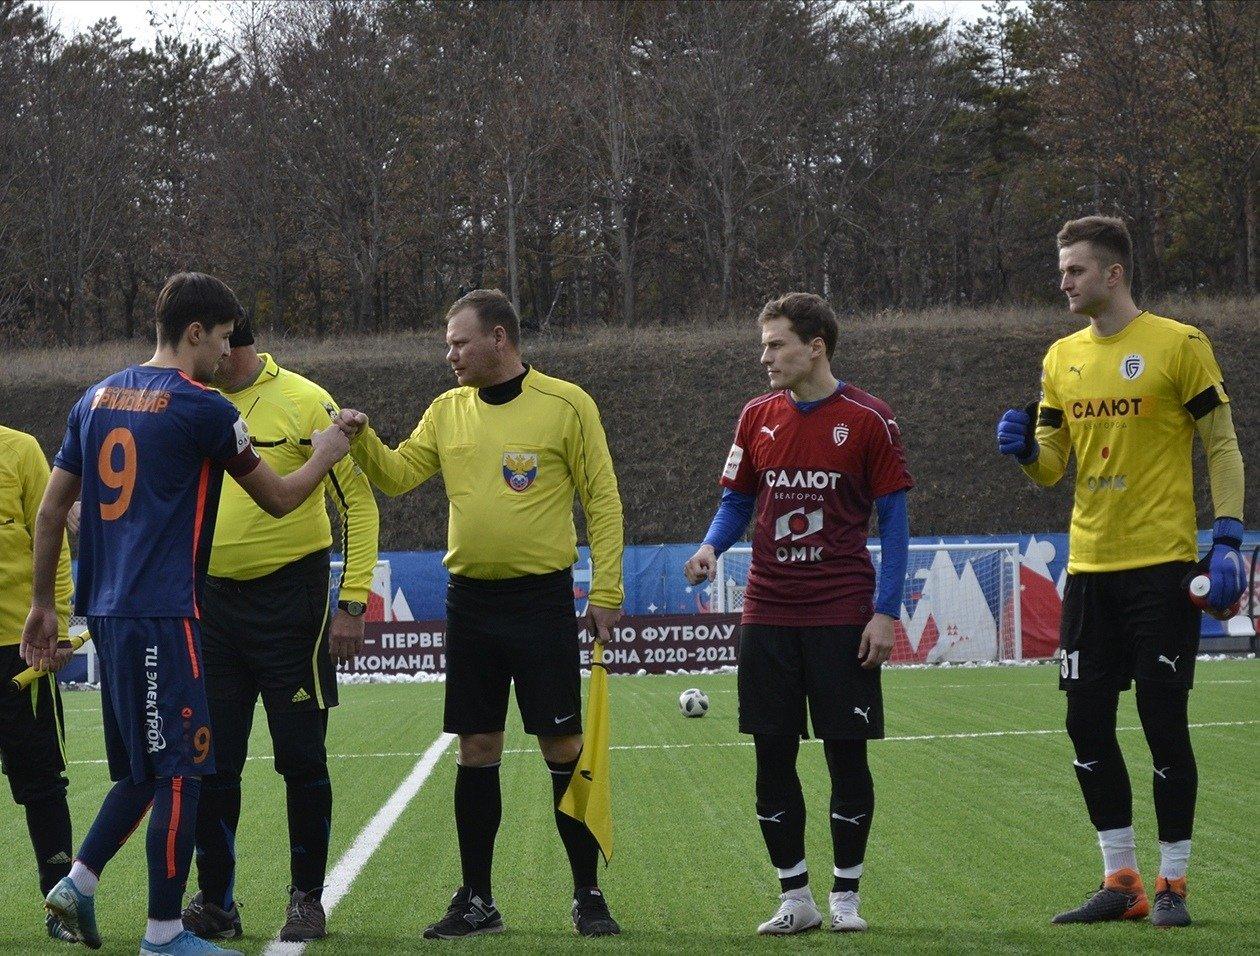 Игра в Ессентуках, Фото с сайта ФК «Салют Белгород»